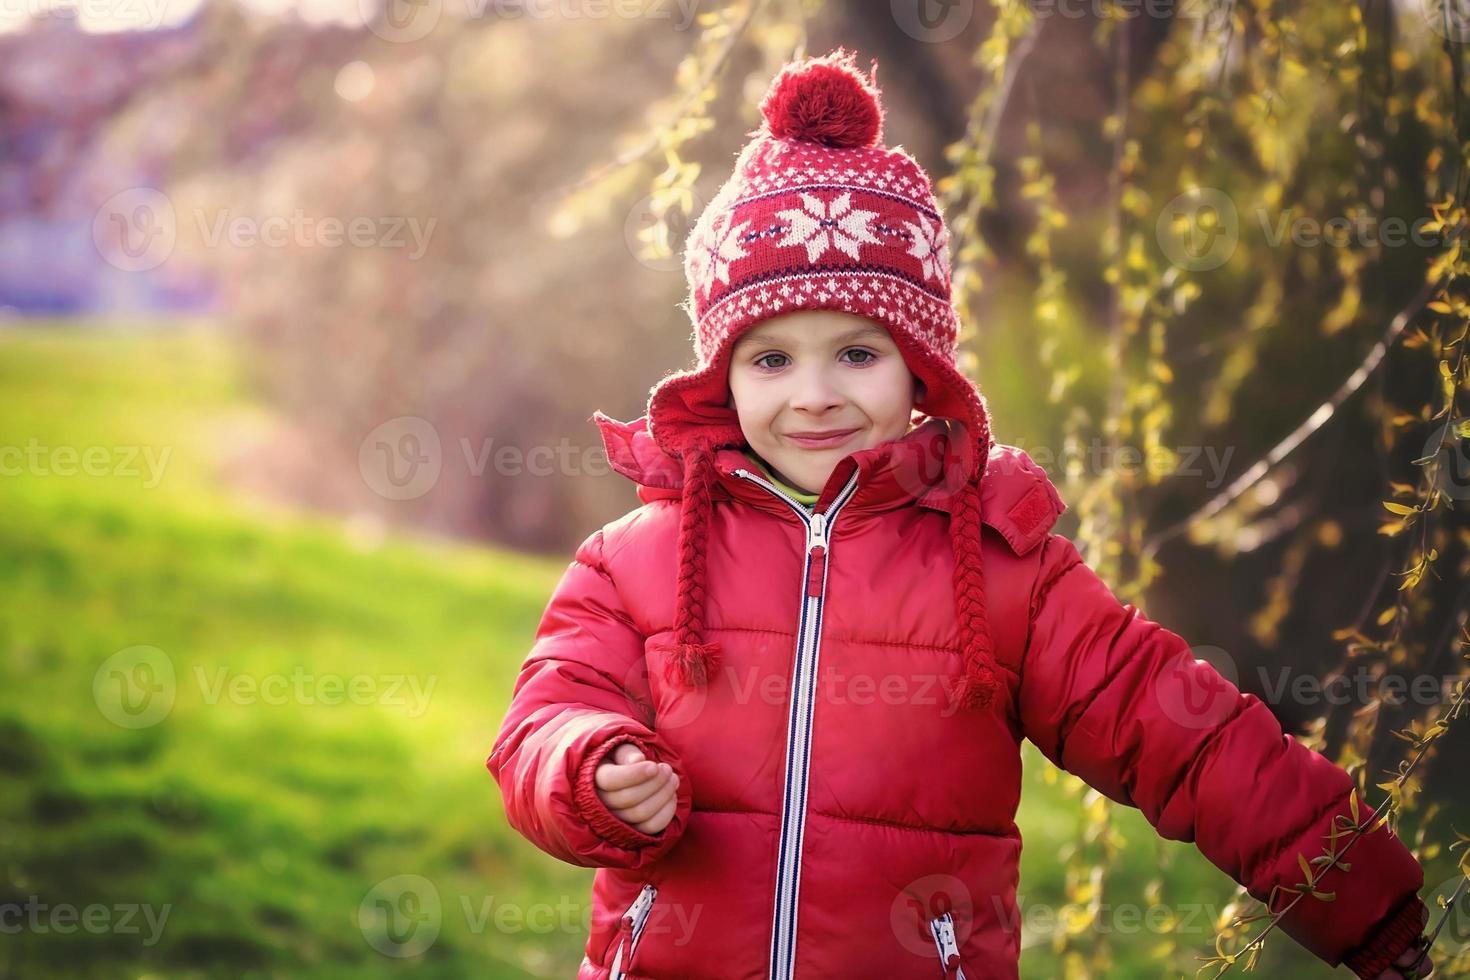 drôle petit garçon, appréciant la journée de printemps ensoleillée au parc photo